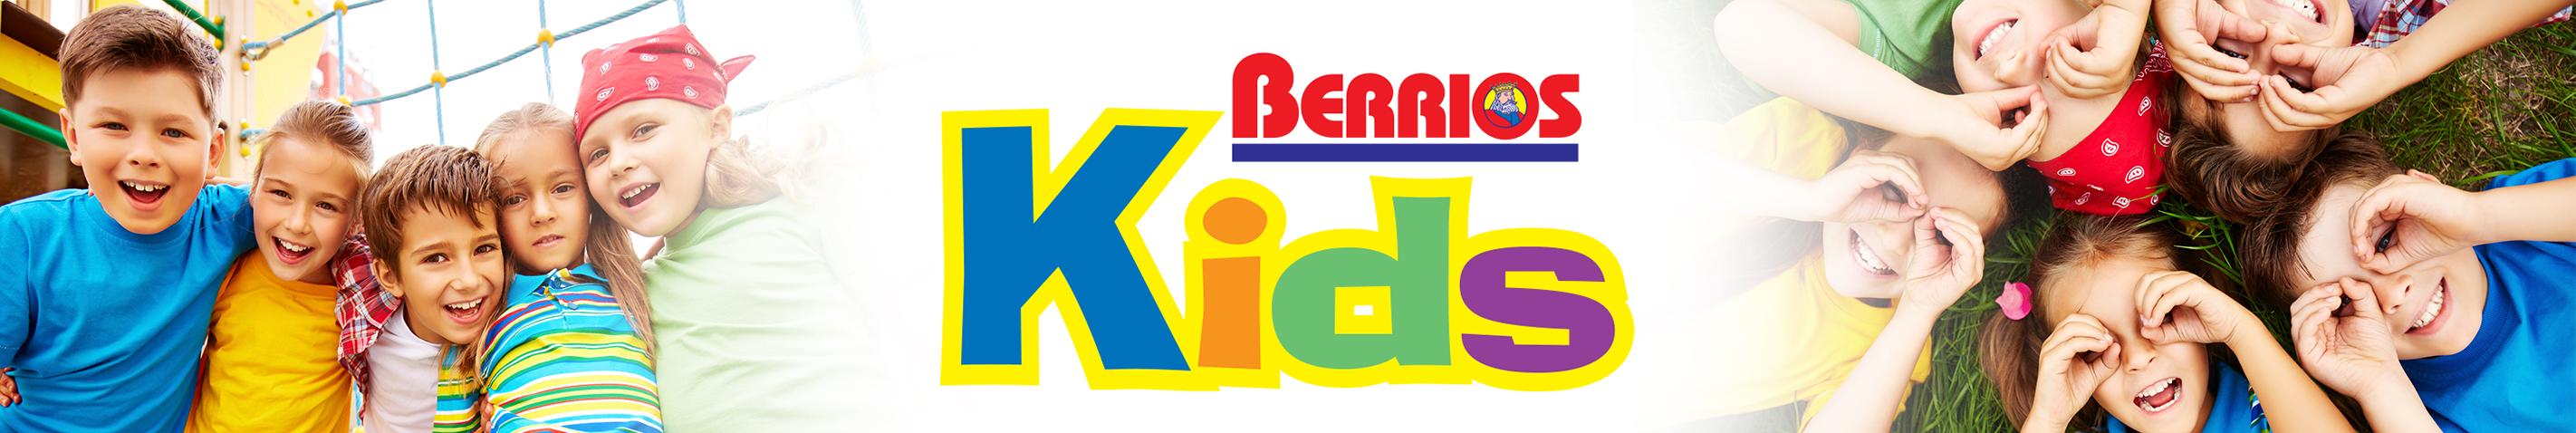 banner-kids-2018.jpg